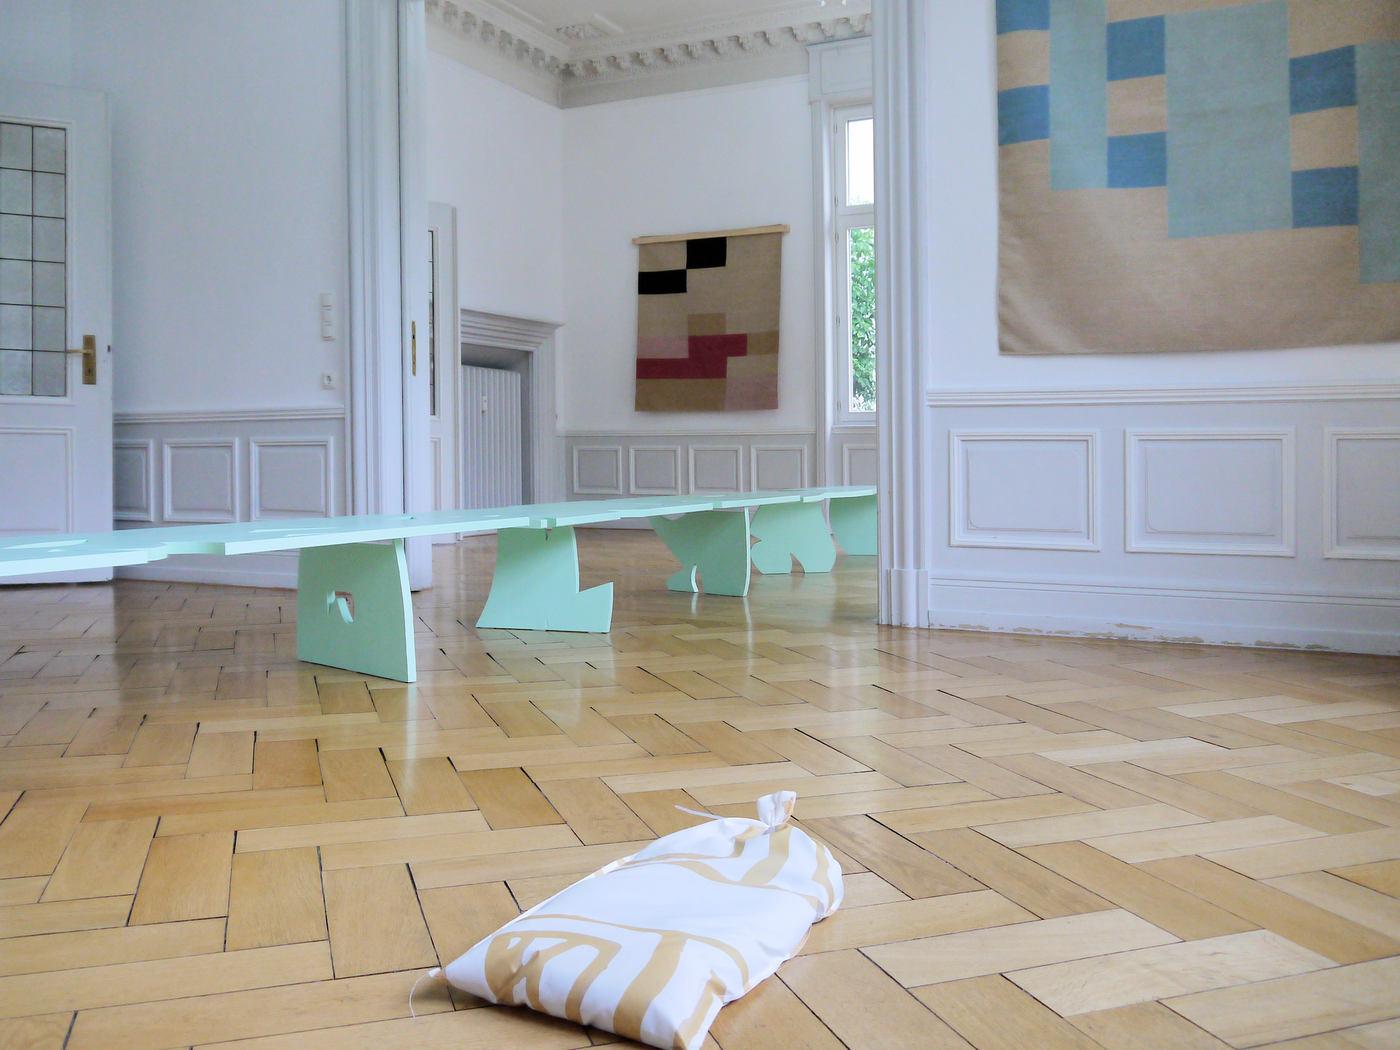 Salon Kennedy_Andy Boot_exhibition e4 e5_Frankfurt_Contemporary Art_Cultural Avenue3